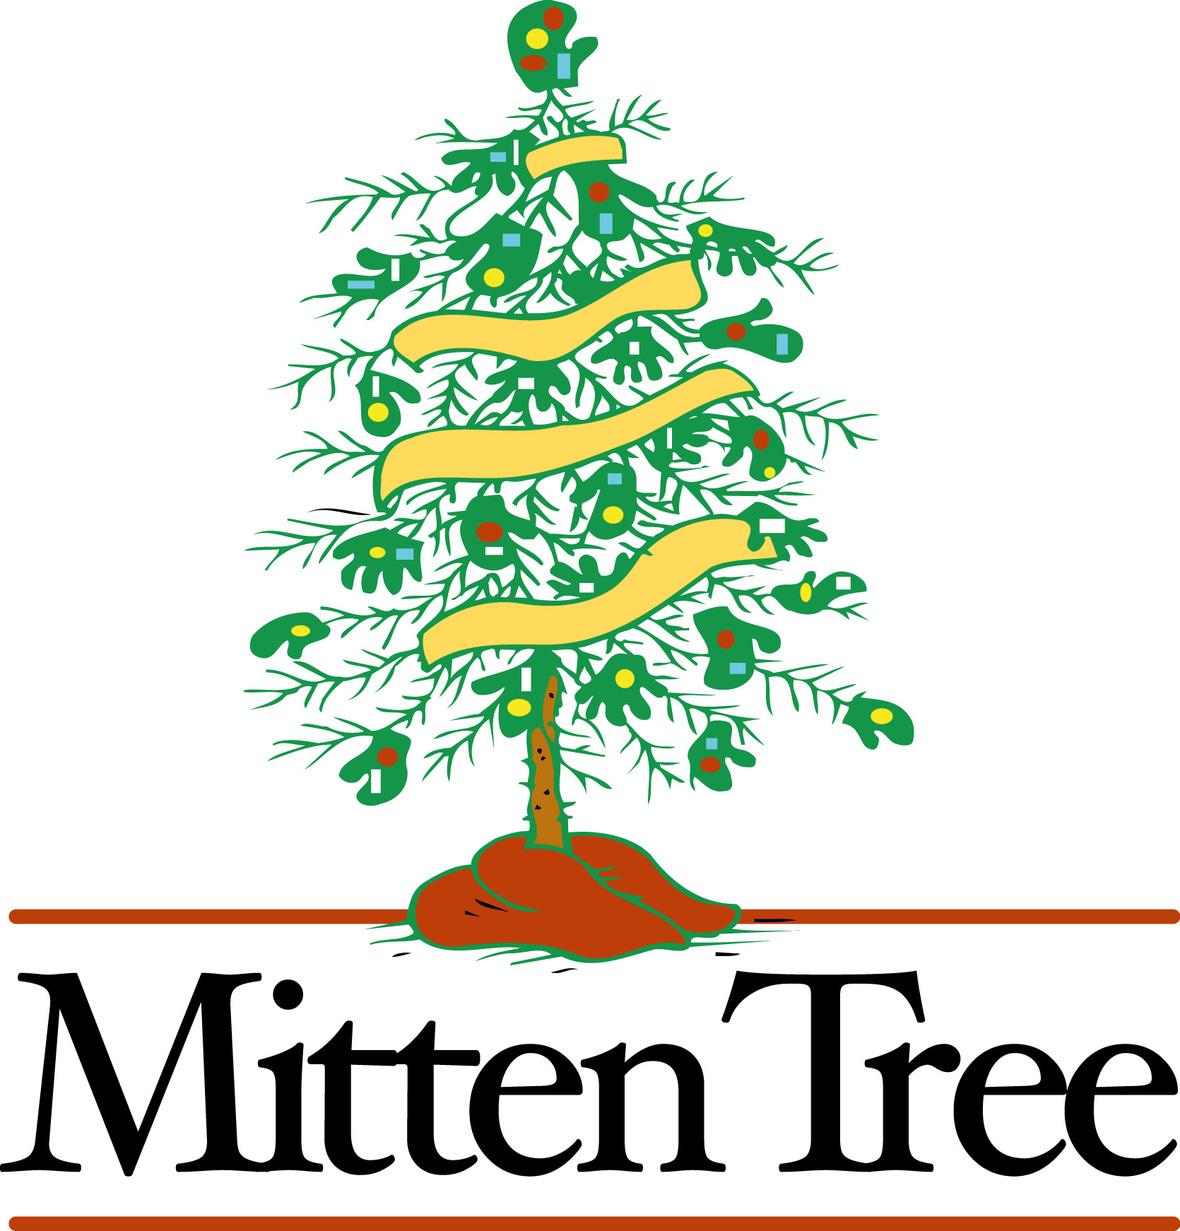 mitten tree 2259c